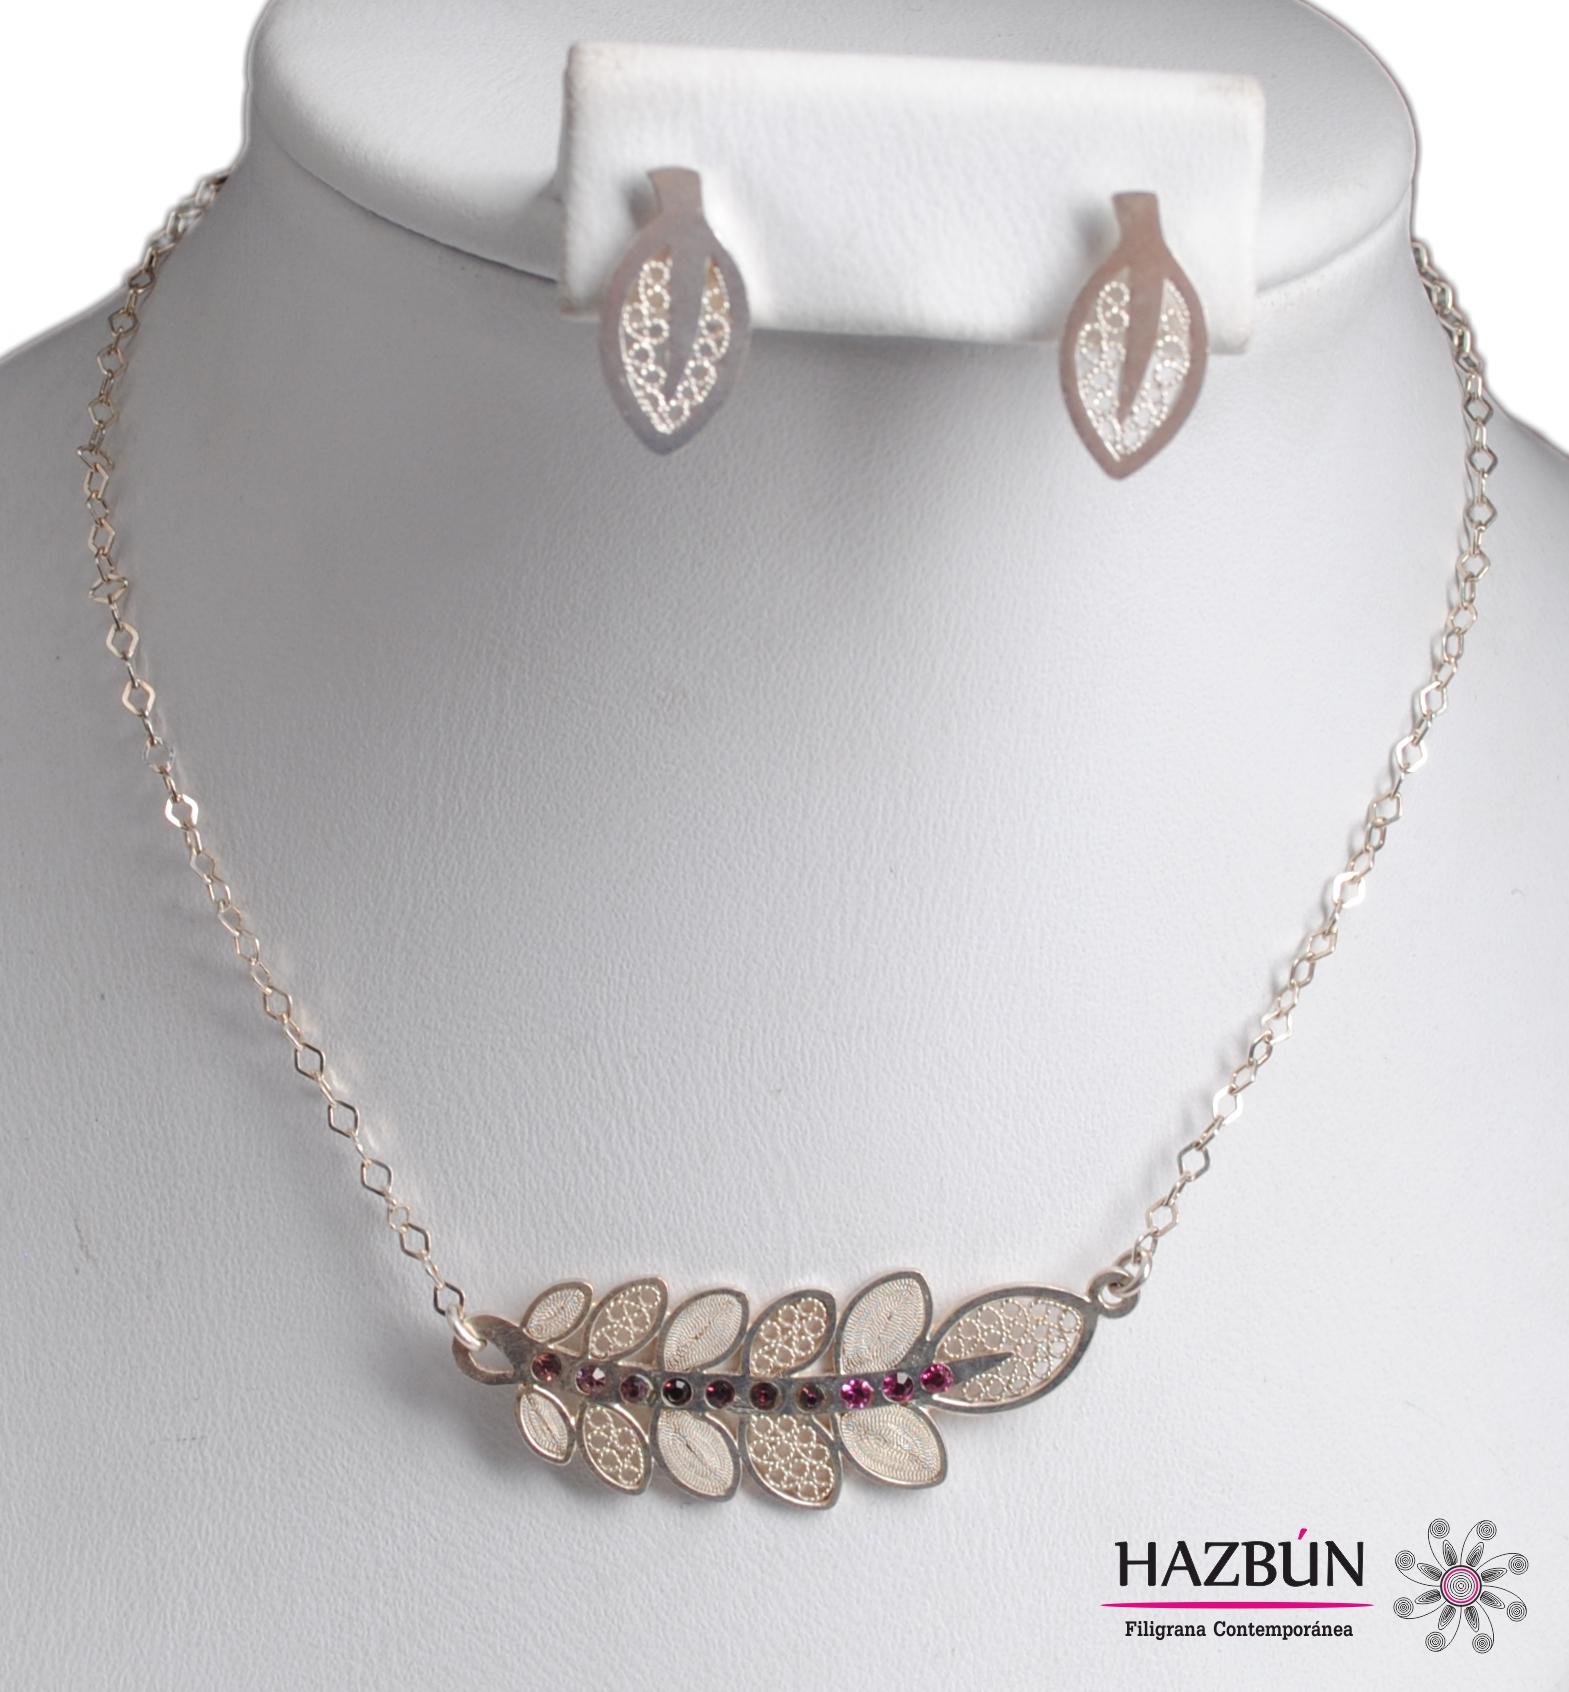 861805309f42 Juego collar y aretes trabajados en filigrana momposina y joyeria fina con  incrustaciones de cristales swarovski en tonos amatistas.